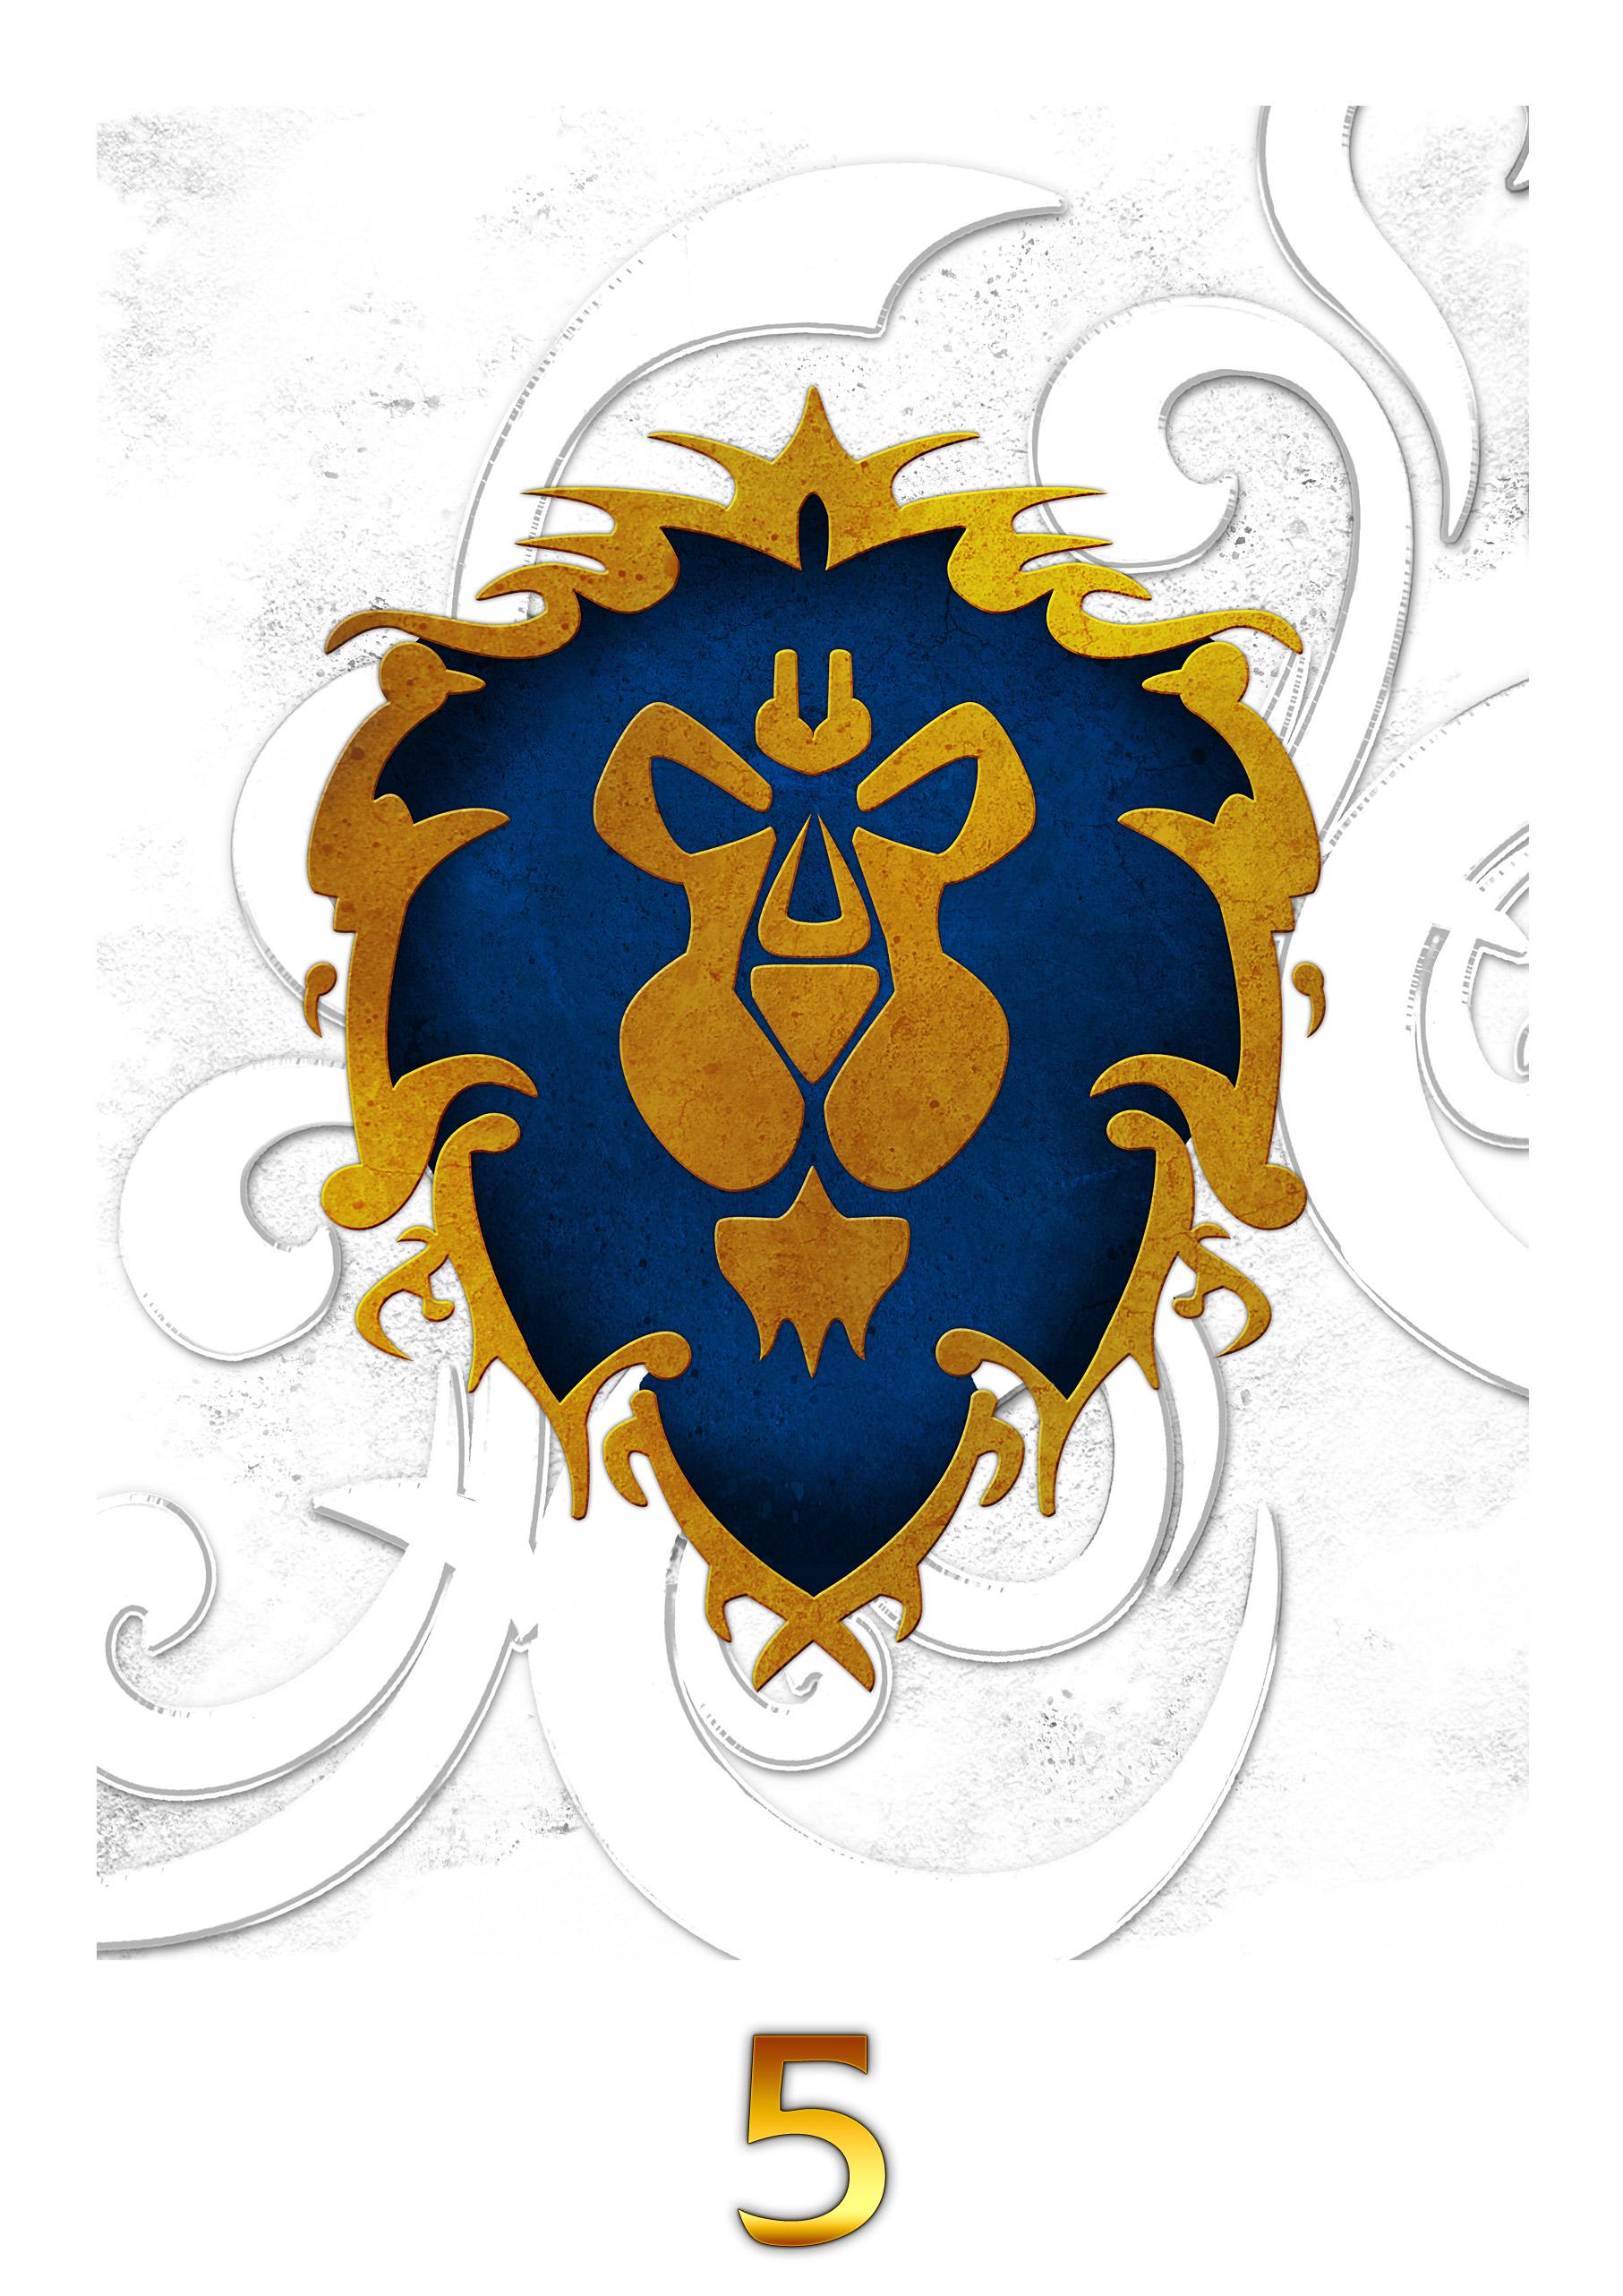 Alliance+world+of+warcraft+logo